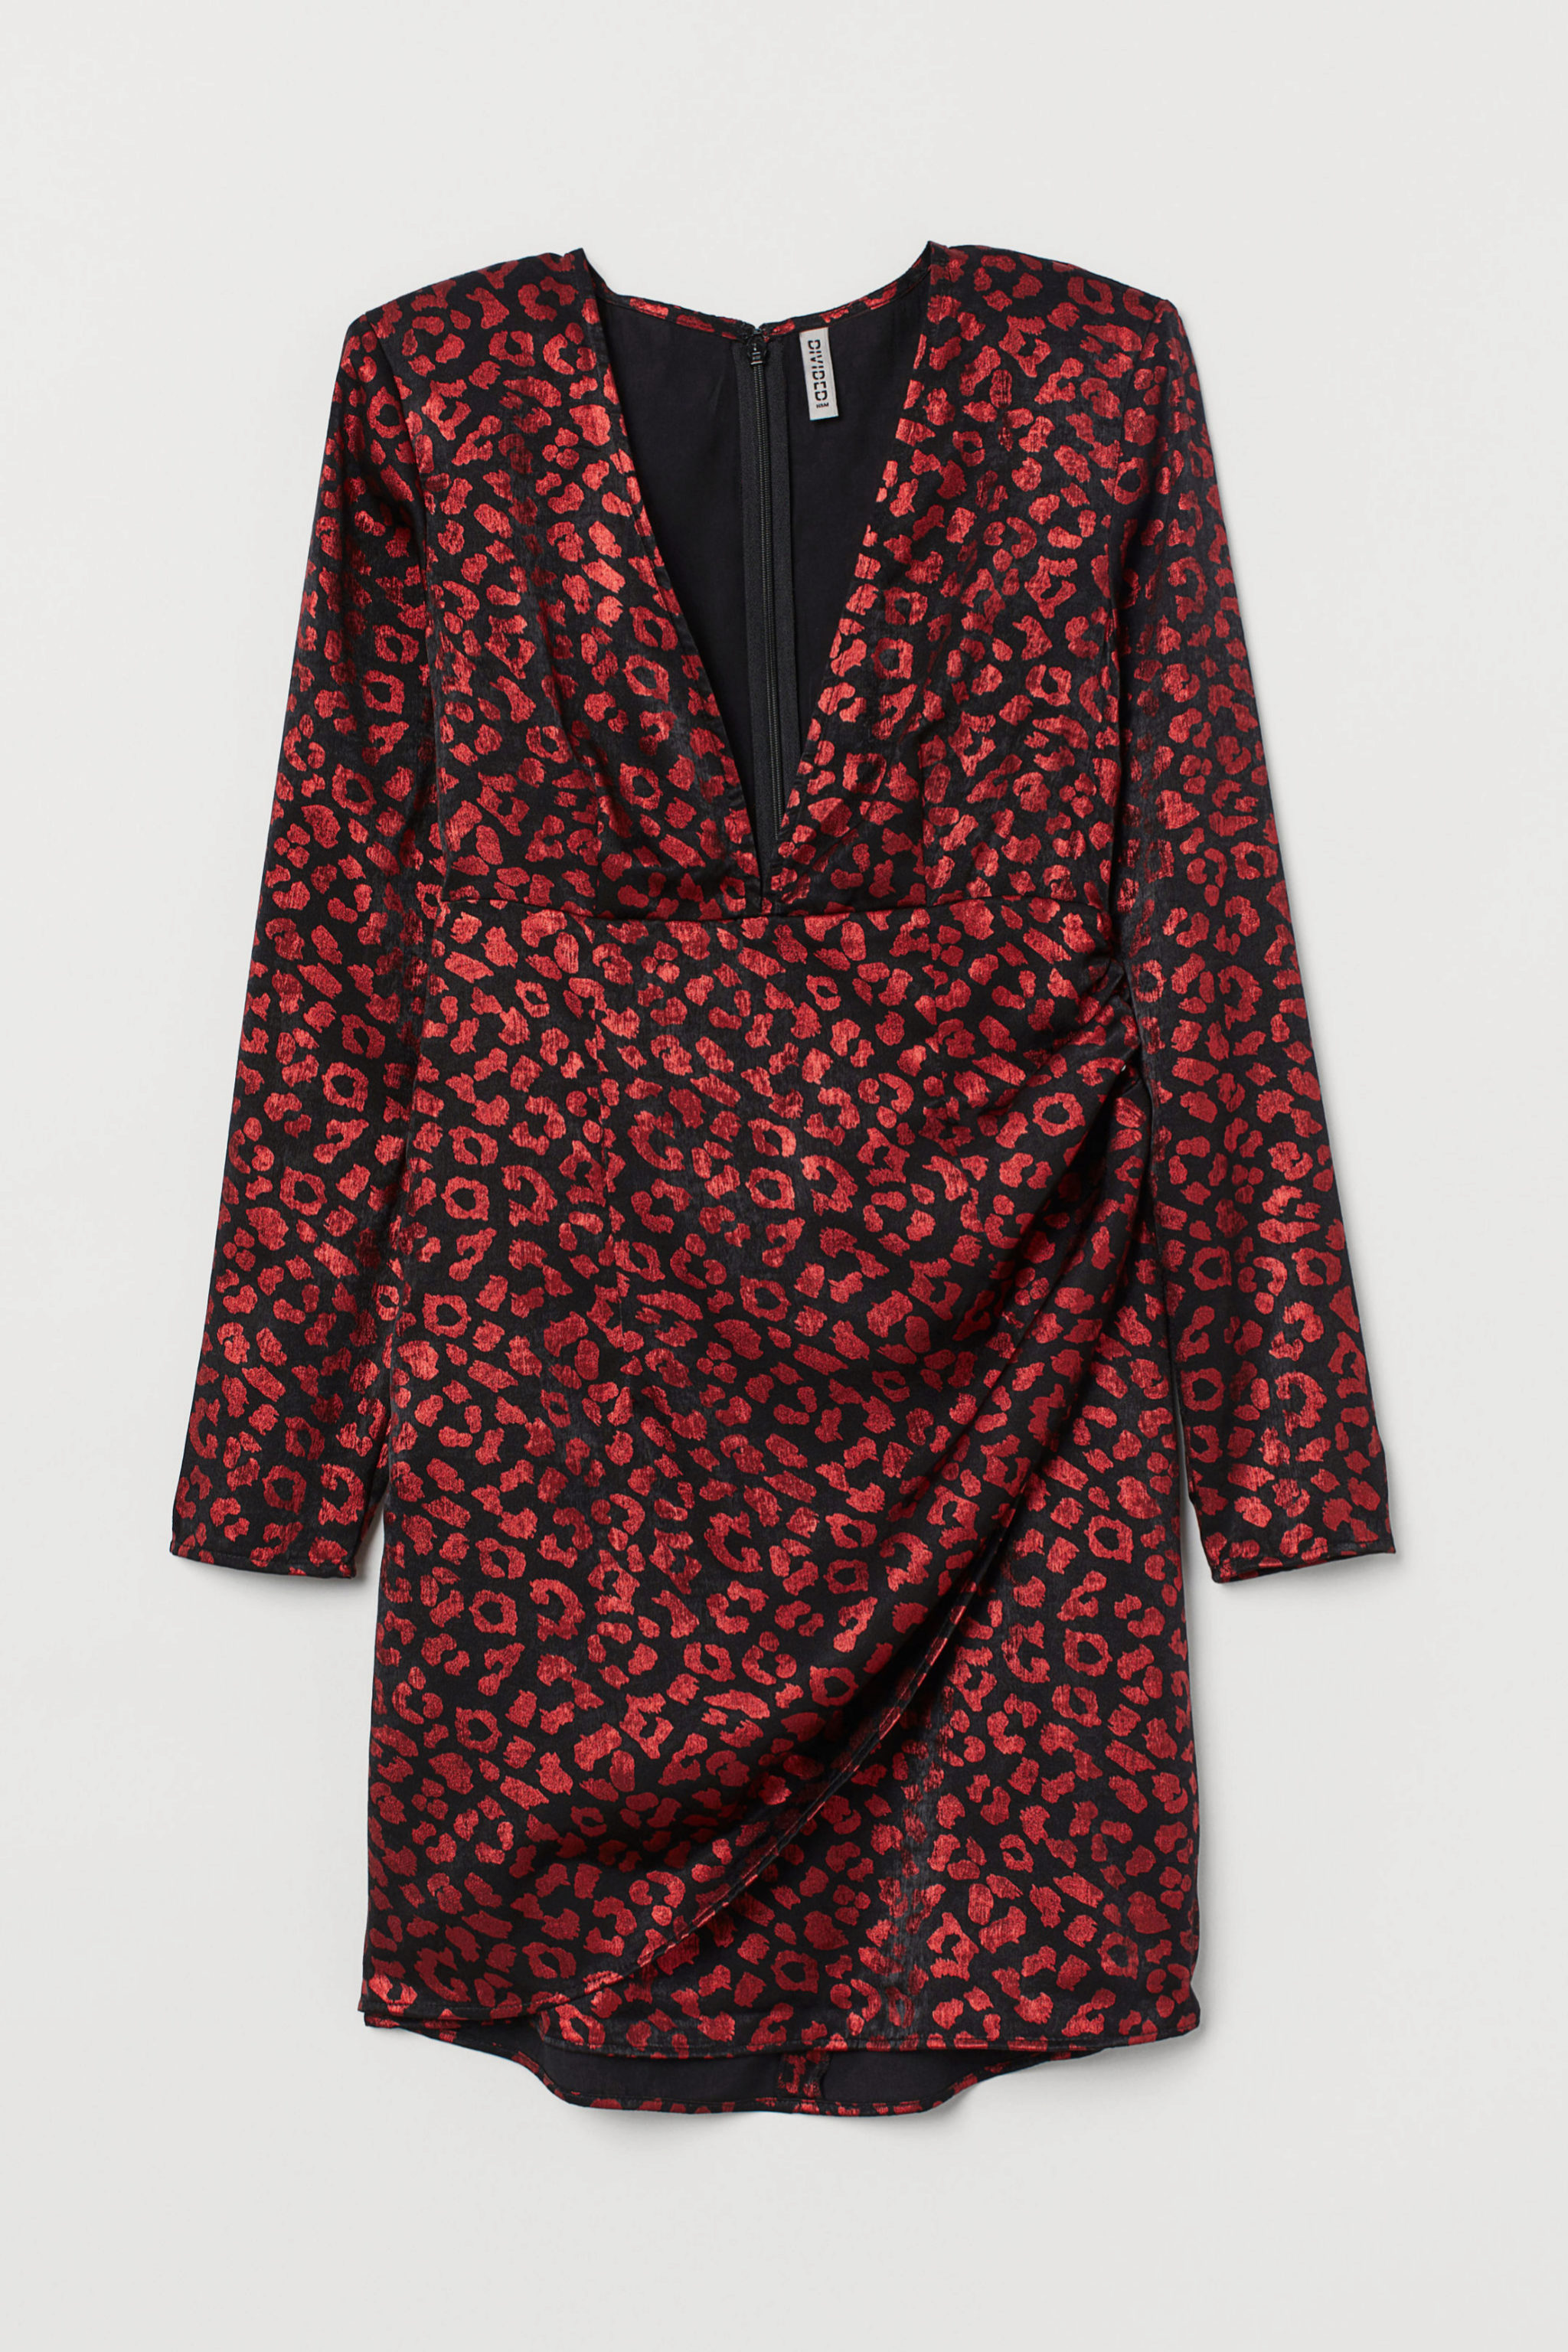 Mini vestido estampado con hombreras de H&M (24,99¤)